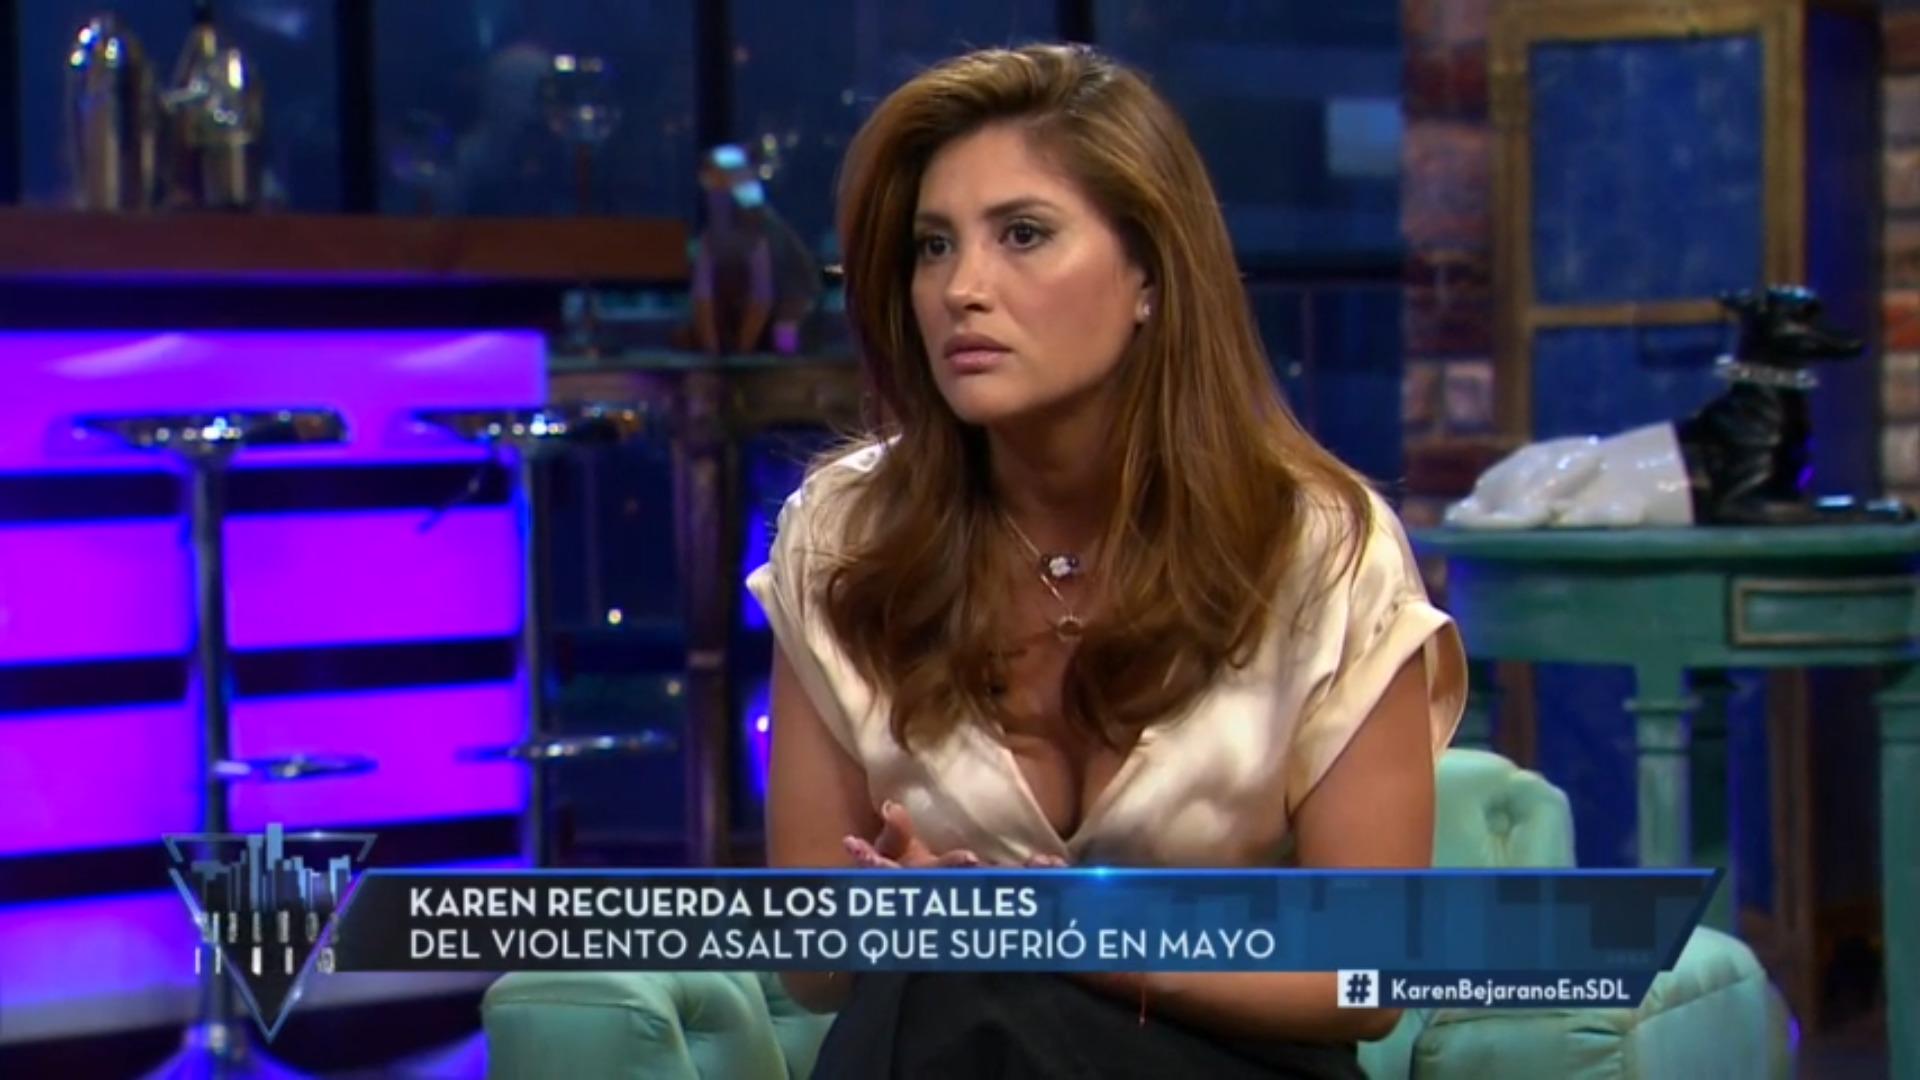 Karen Bejarano